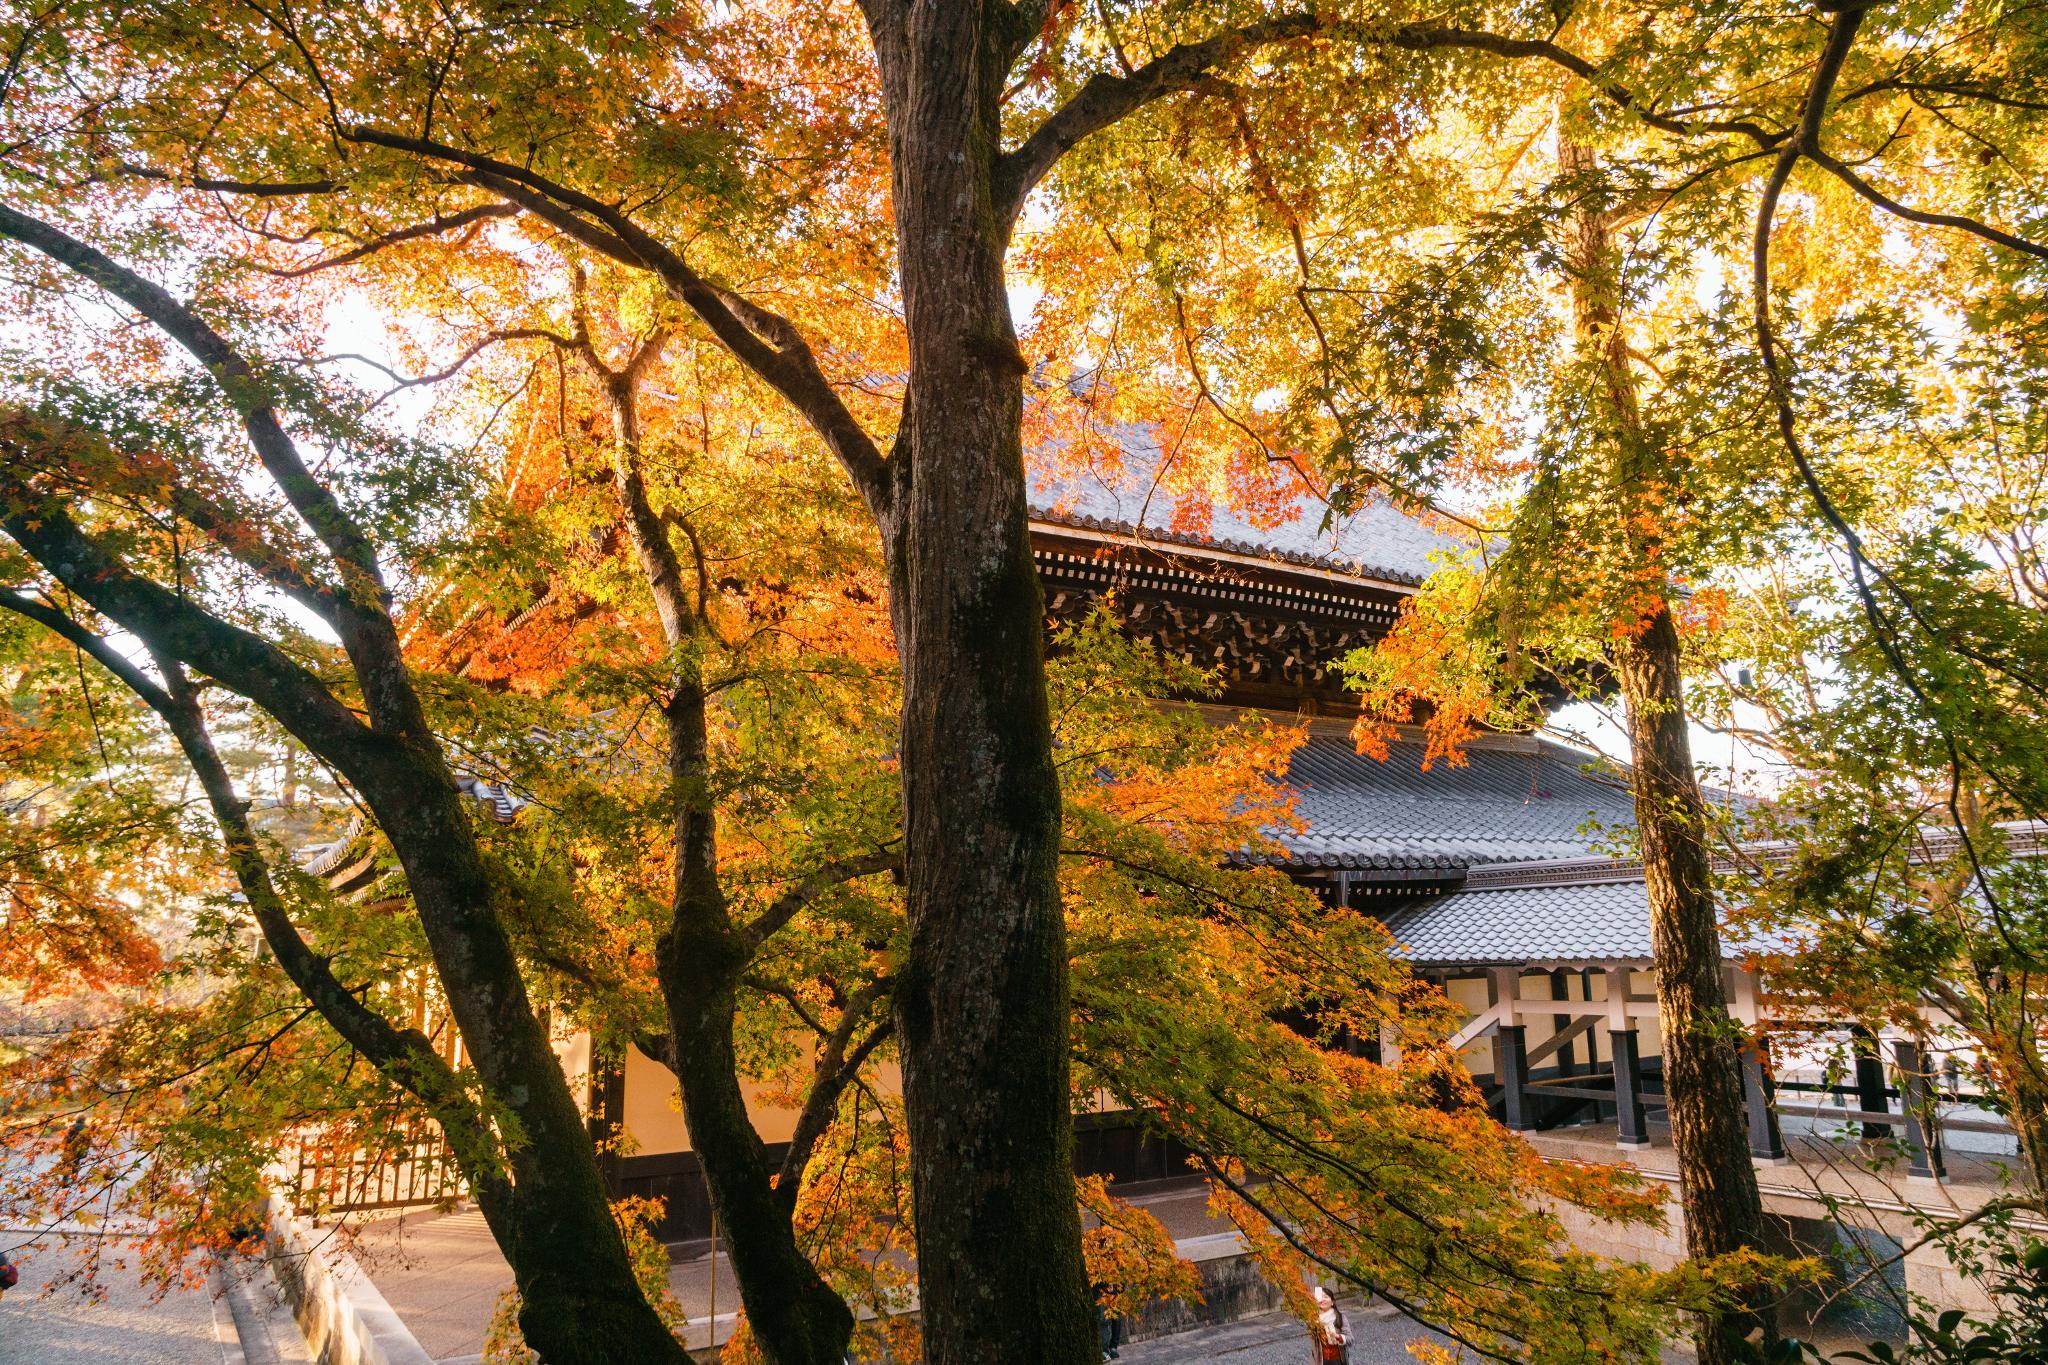 【京都】秋光葉影的古寺散策 - 南禪寺 109